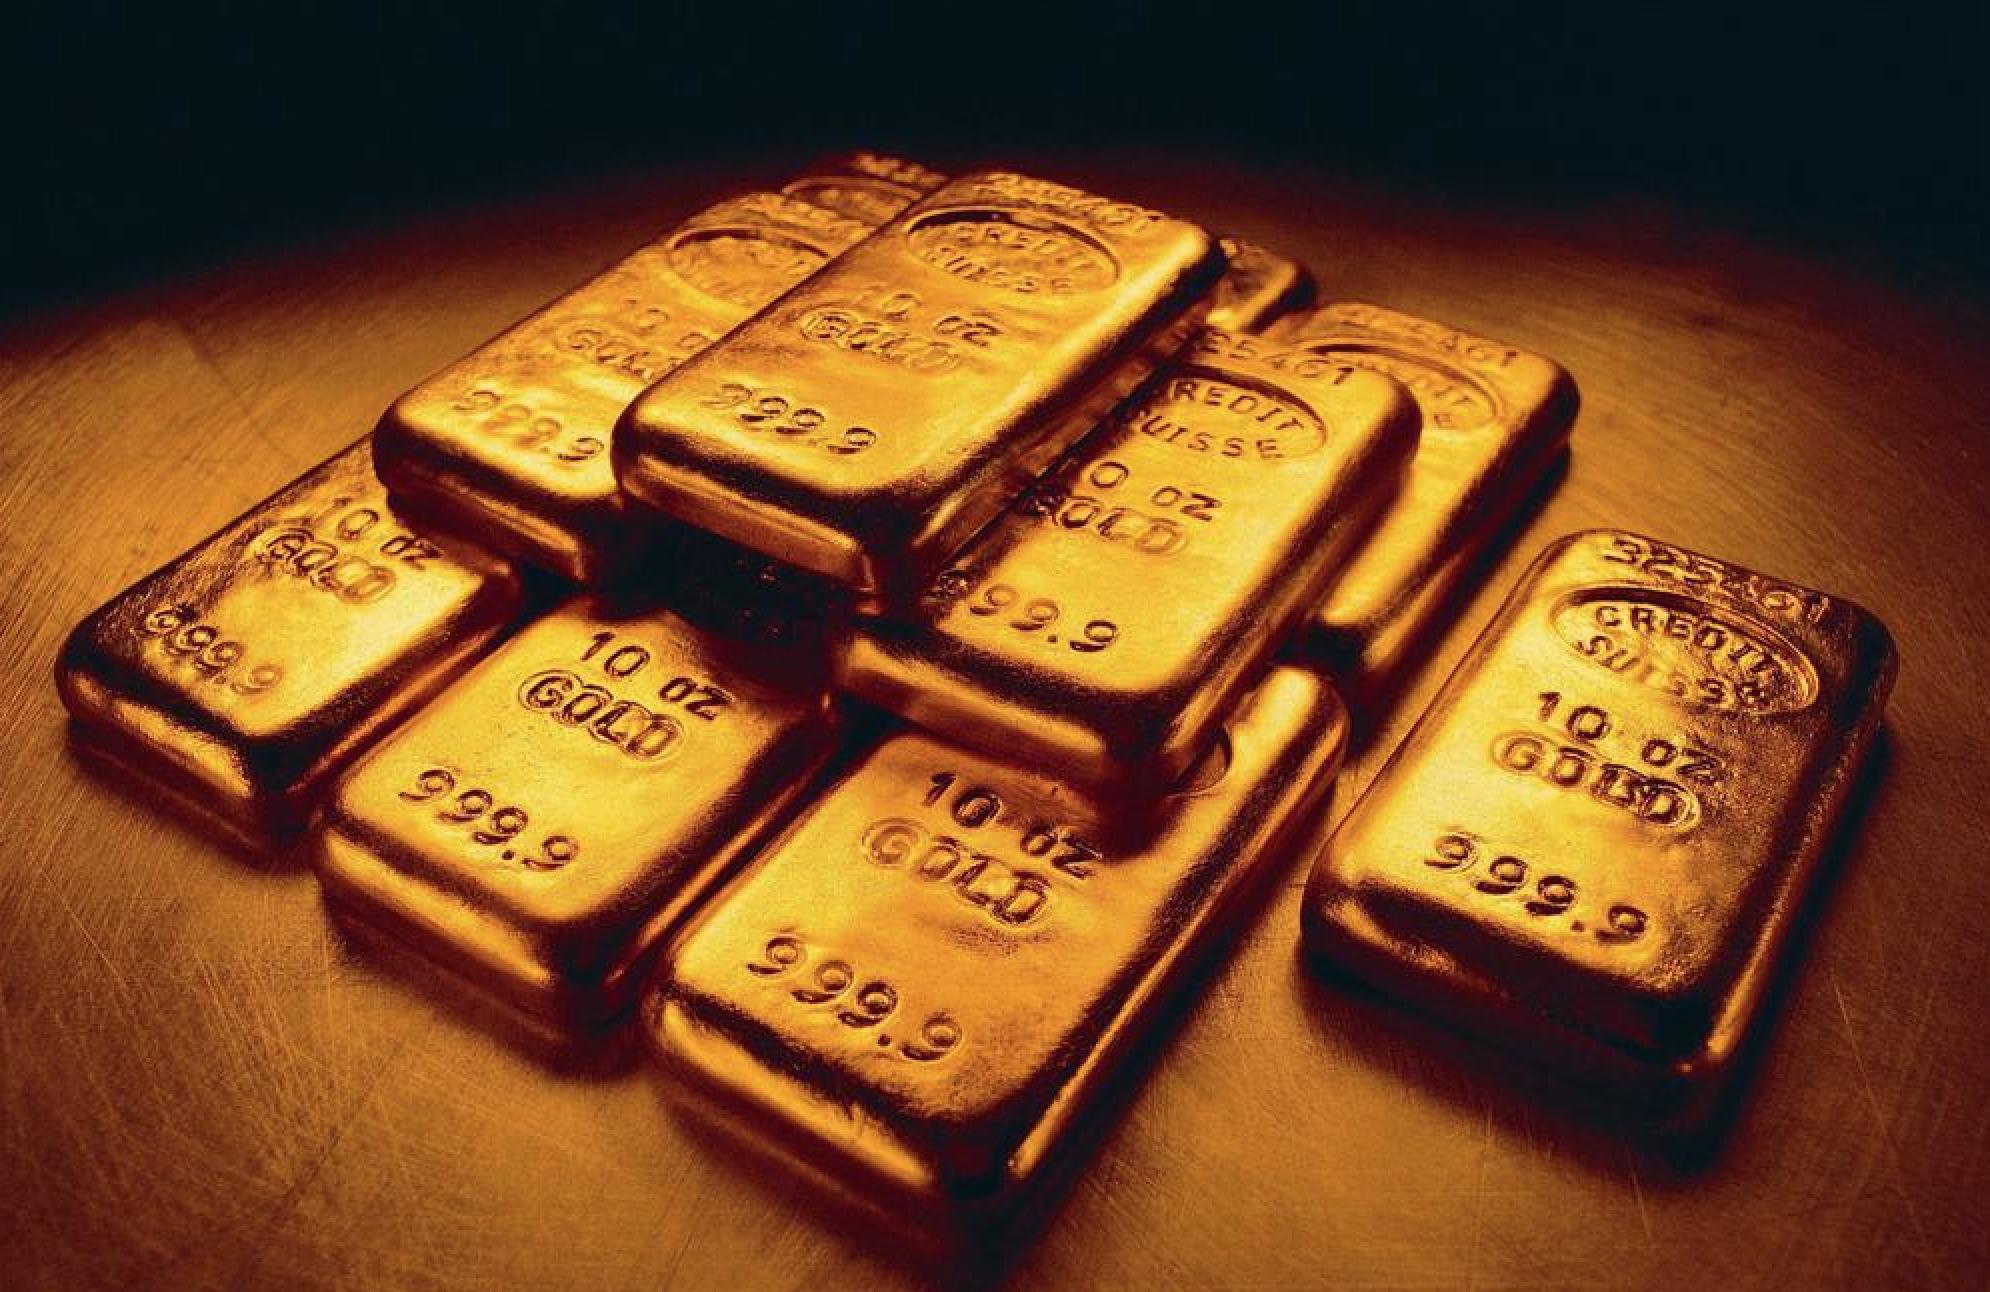 1.88传奇私服全球最大黄金ETF持仓暴跌 投资者蜂拥出逃金市